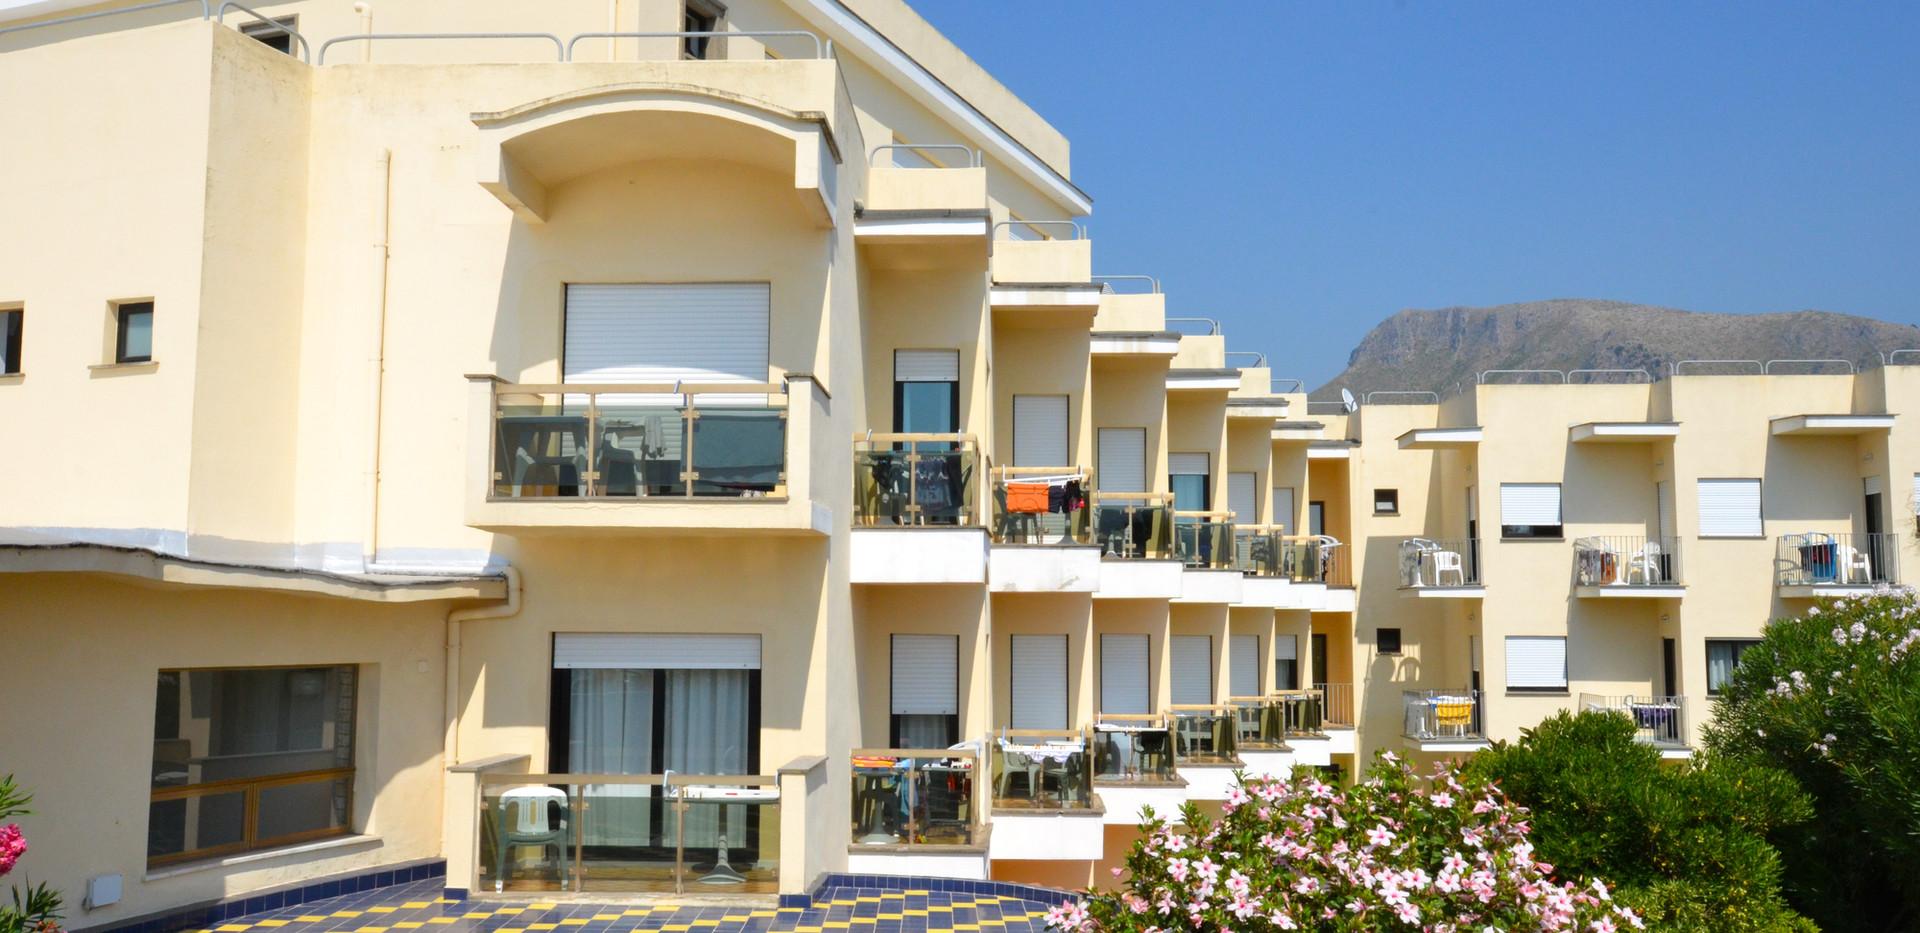 Balconi al primo piano